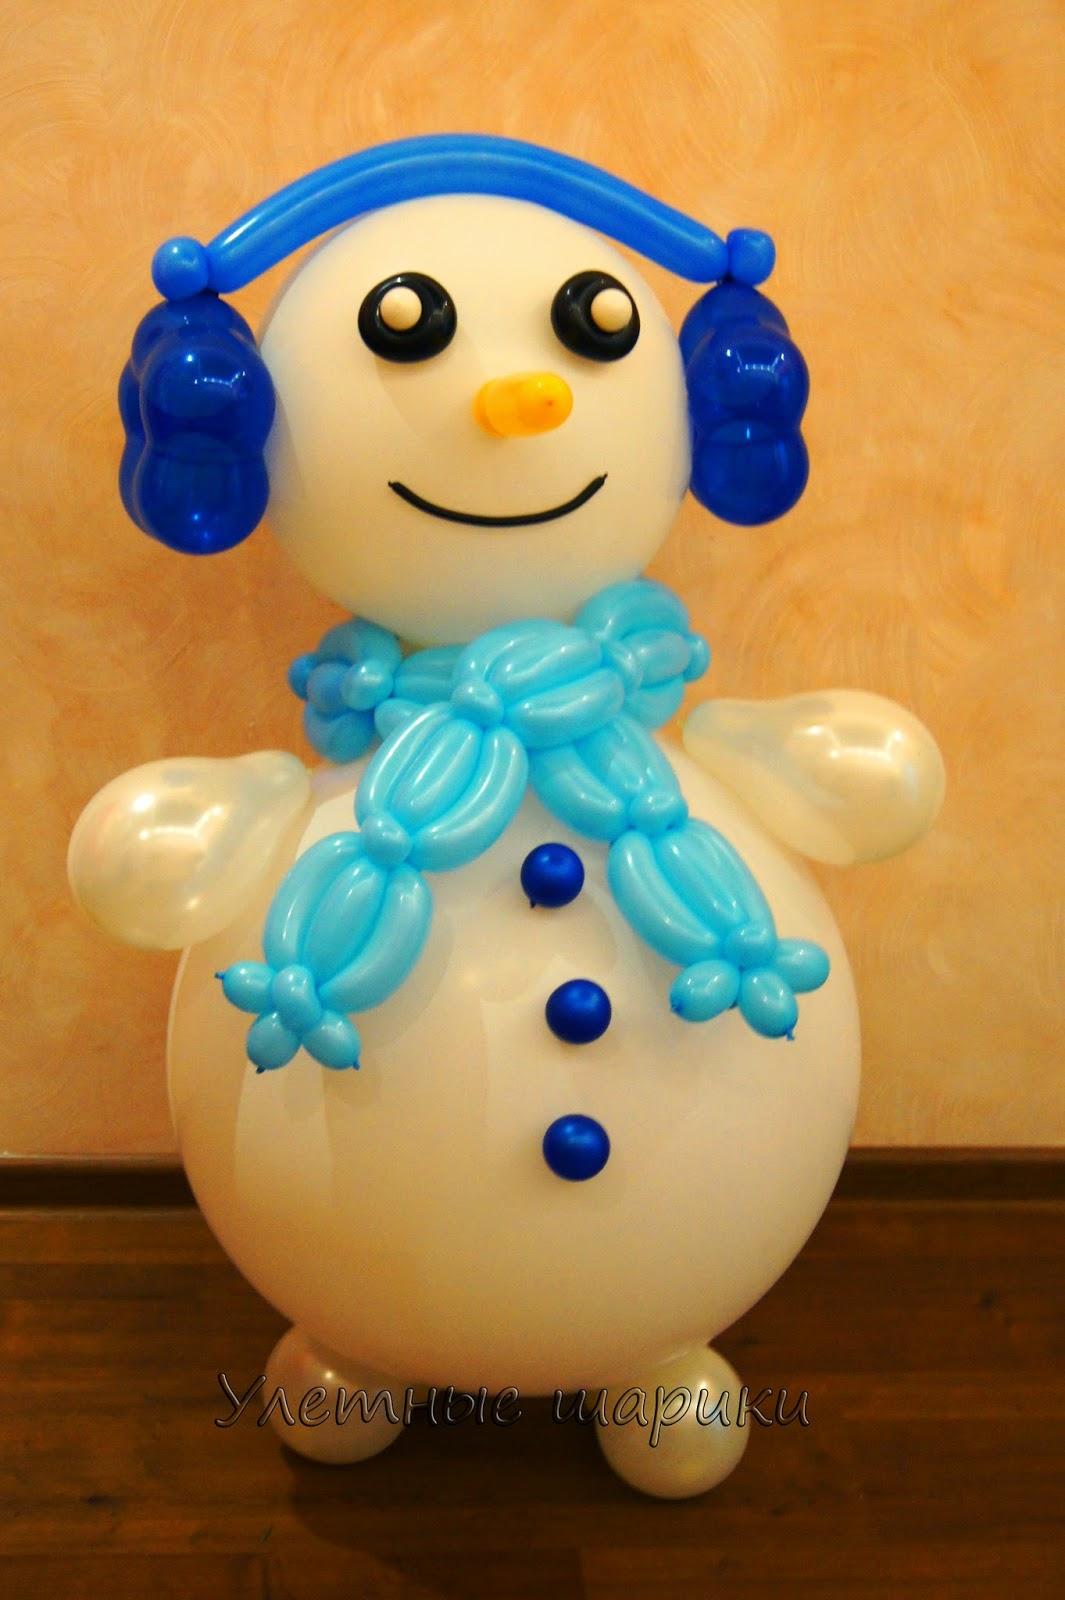 Снеговик из воздушных шариков